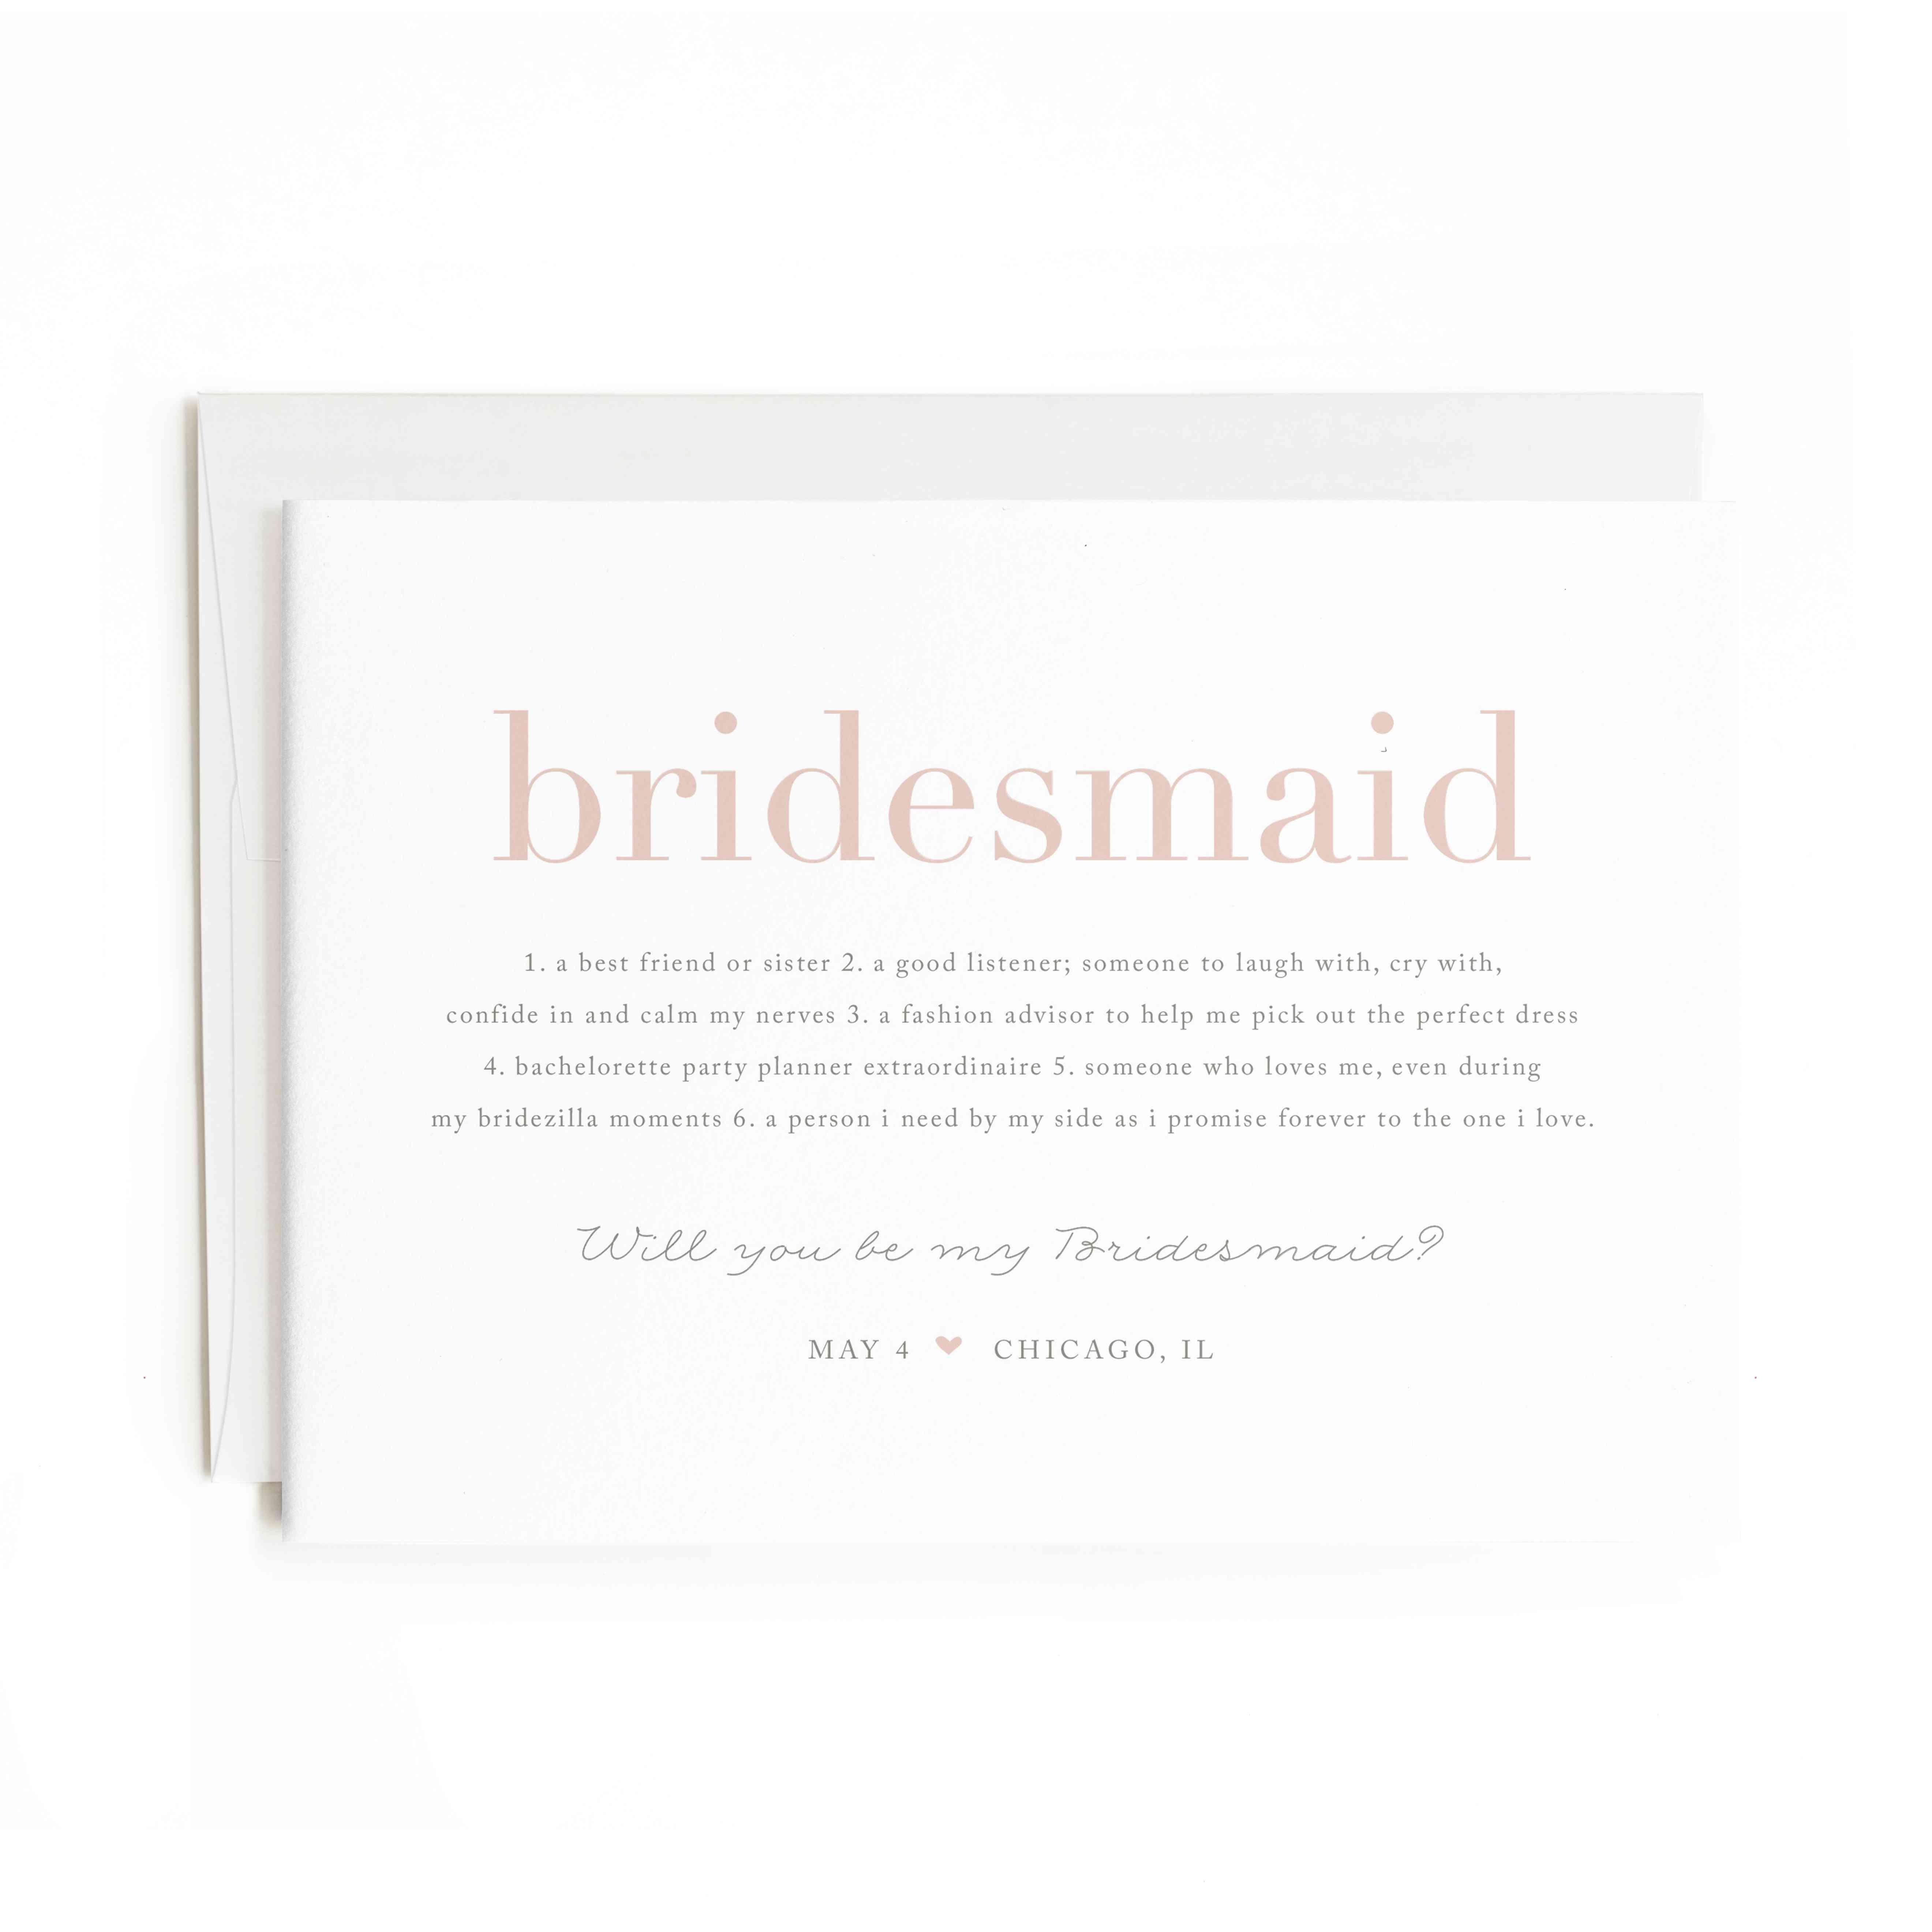 20 Bridesmaid Proposal Gifts That Guarantee a Hard